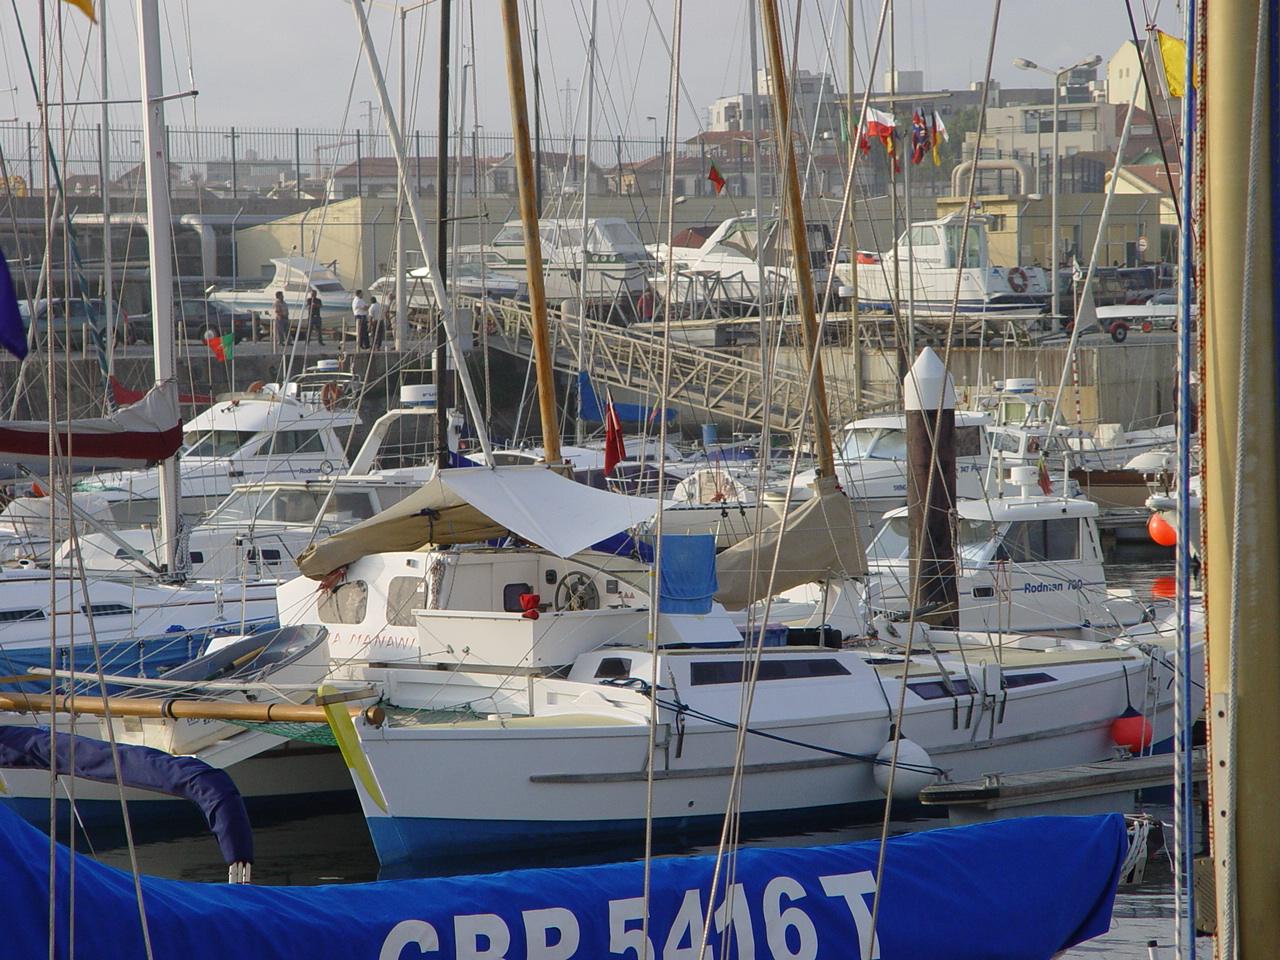 James Wharram catamaran